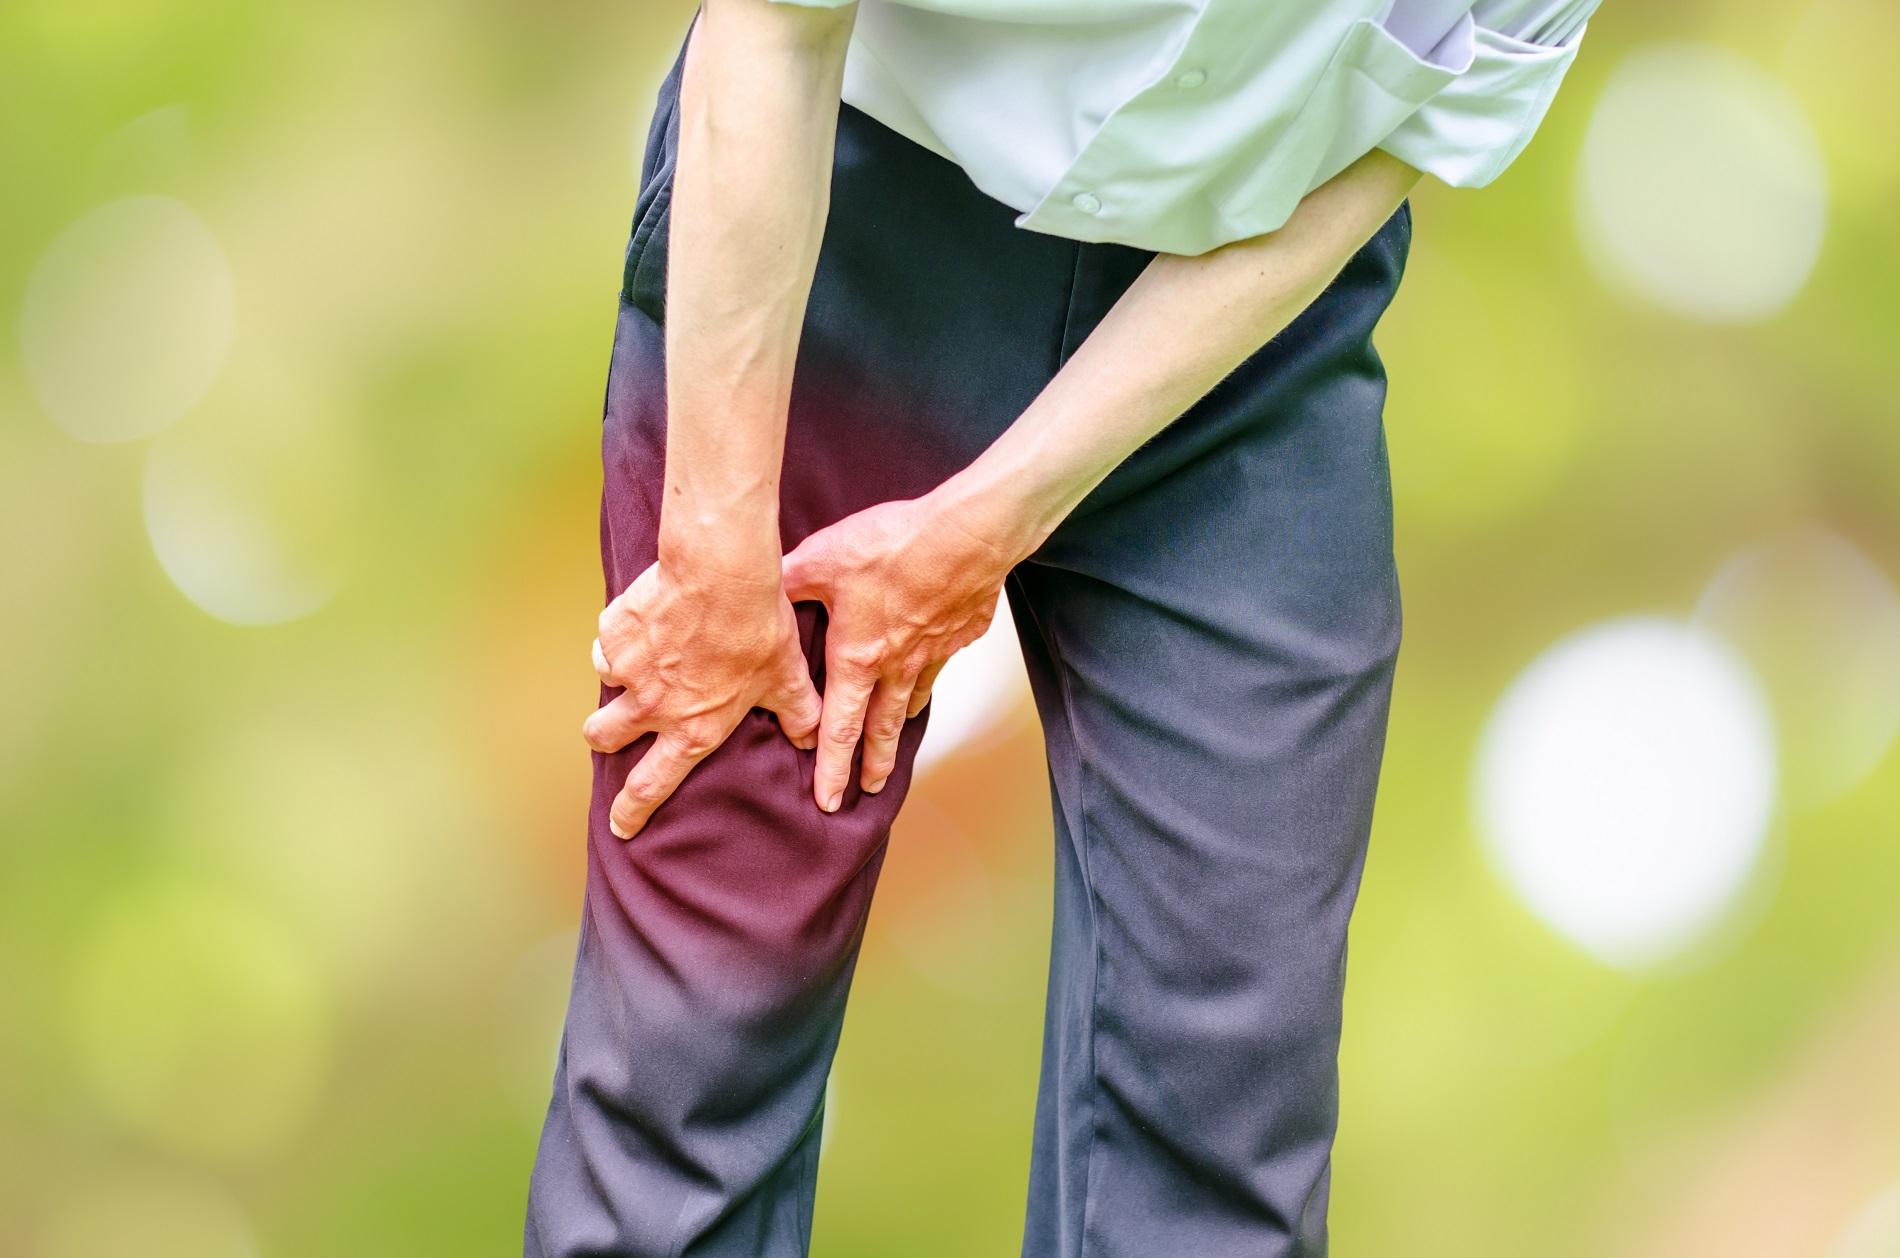 térdfájdalom okozza a tünetek kezelését)